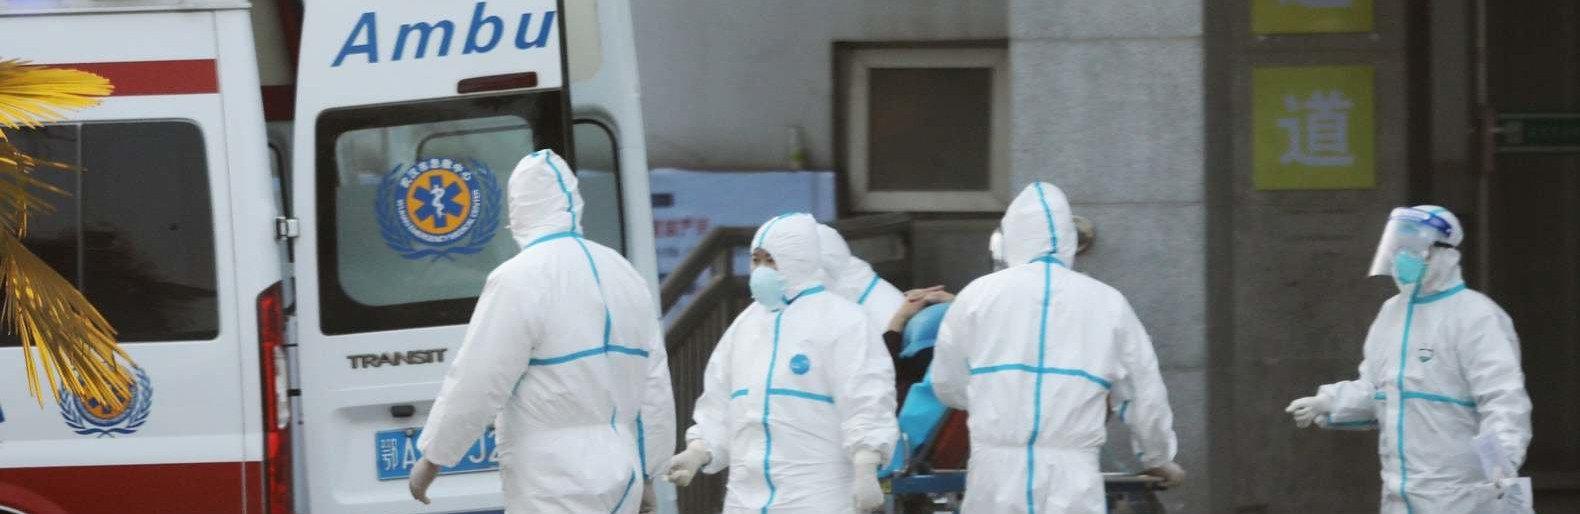 Число жертв коронавируса в Китае выросло до 908 человек